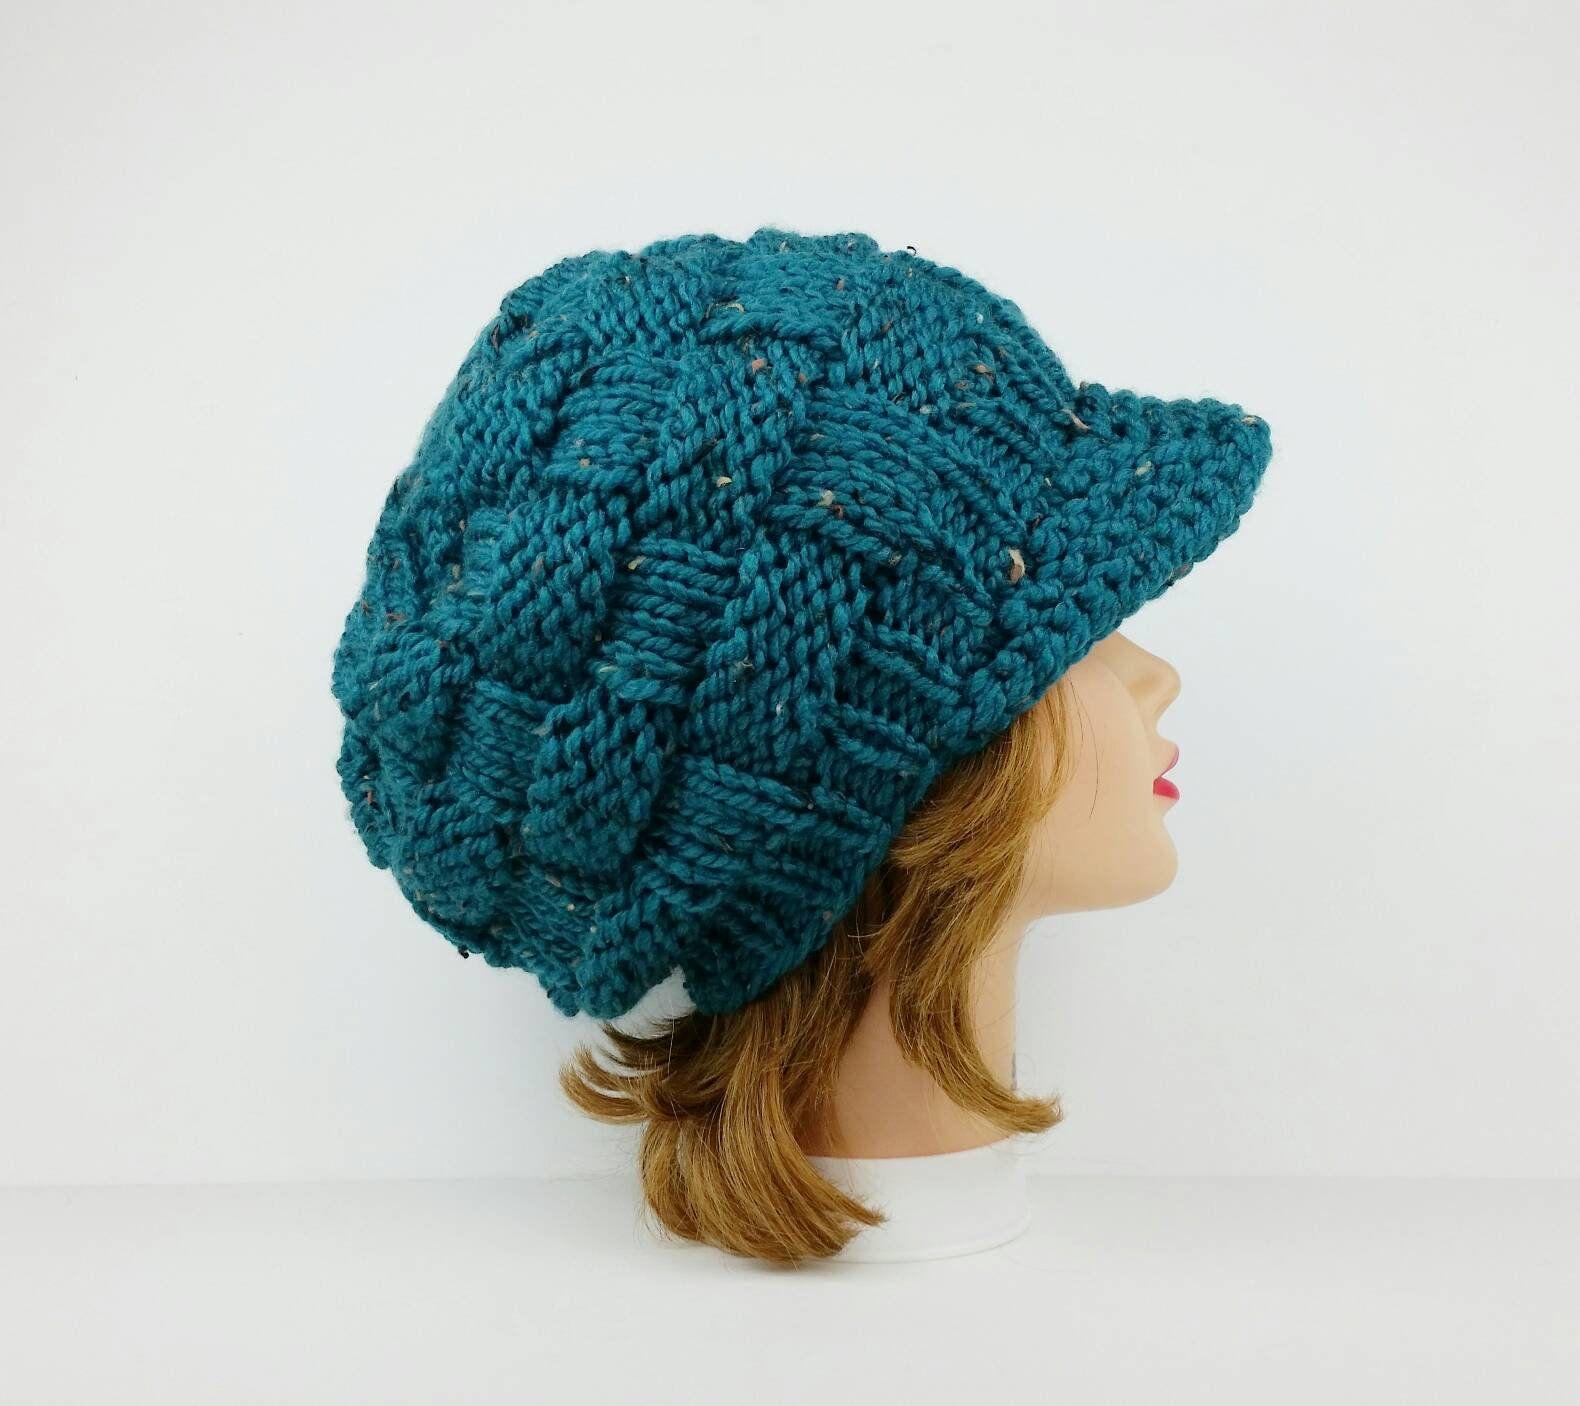 Sun Visor Hat Slouchy Beanie Hats For Women Blue Cap Visor Cap Newsboy Cap Knit Hat Women S Hat Newsboy Hat Pattern Hat Knitting Patterns Knitted Hats